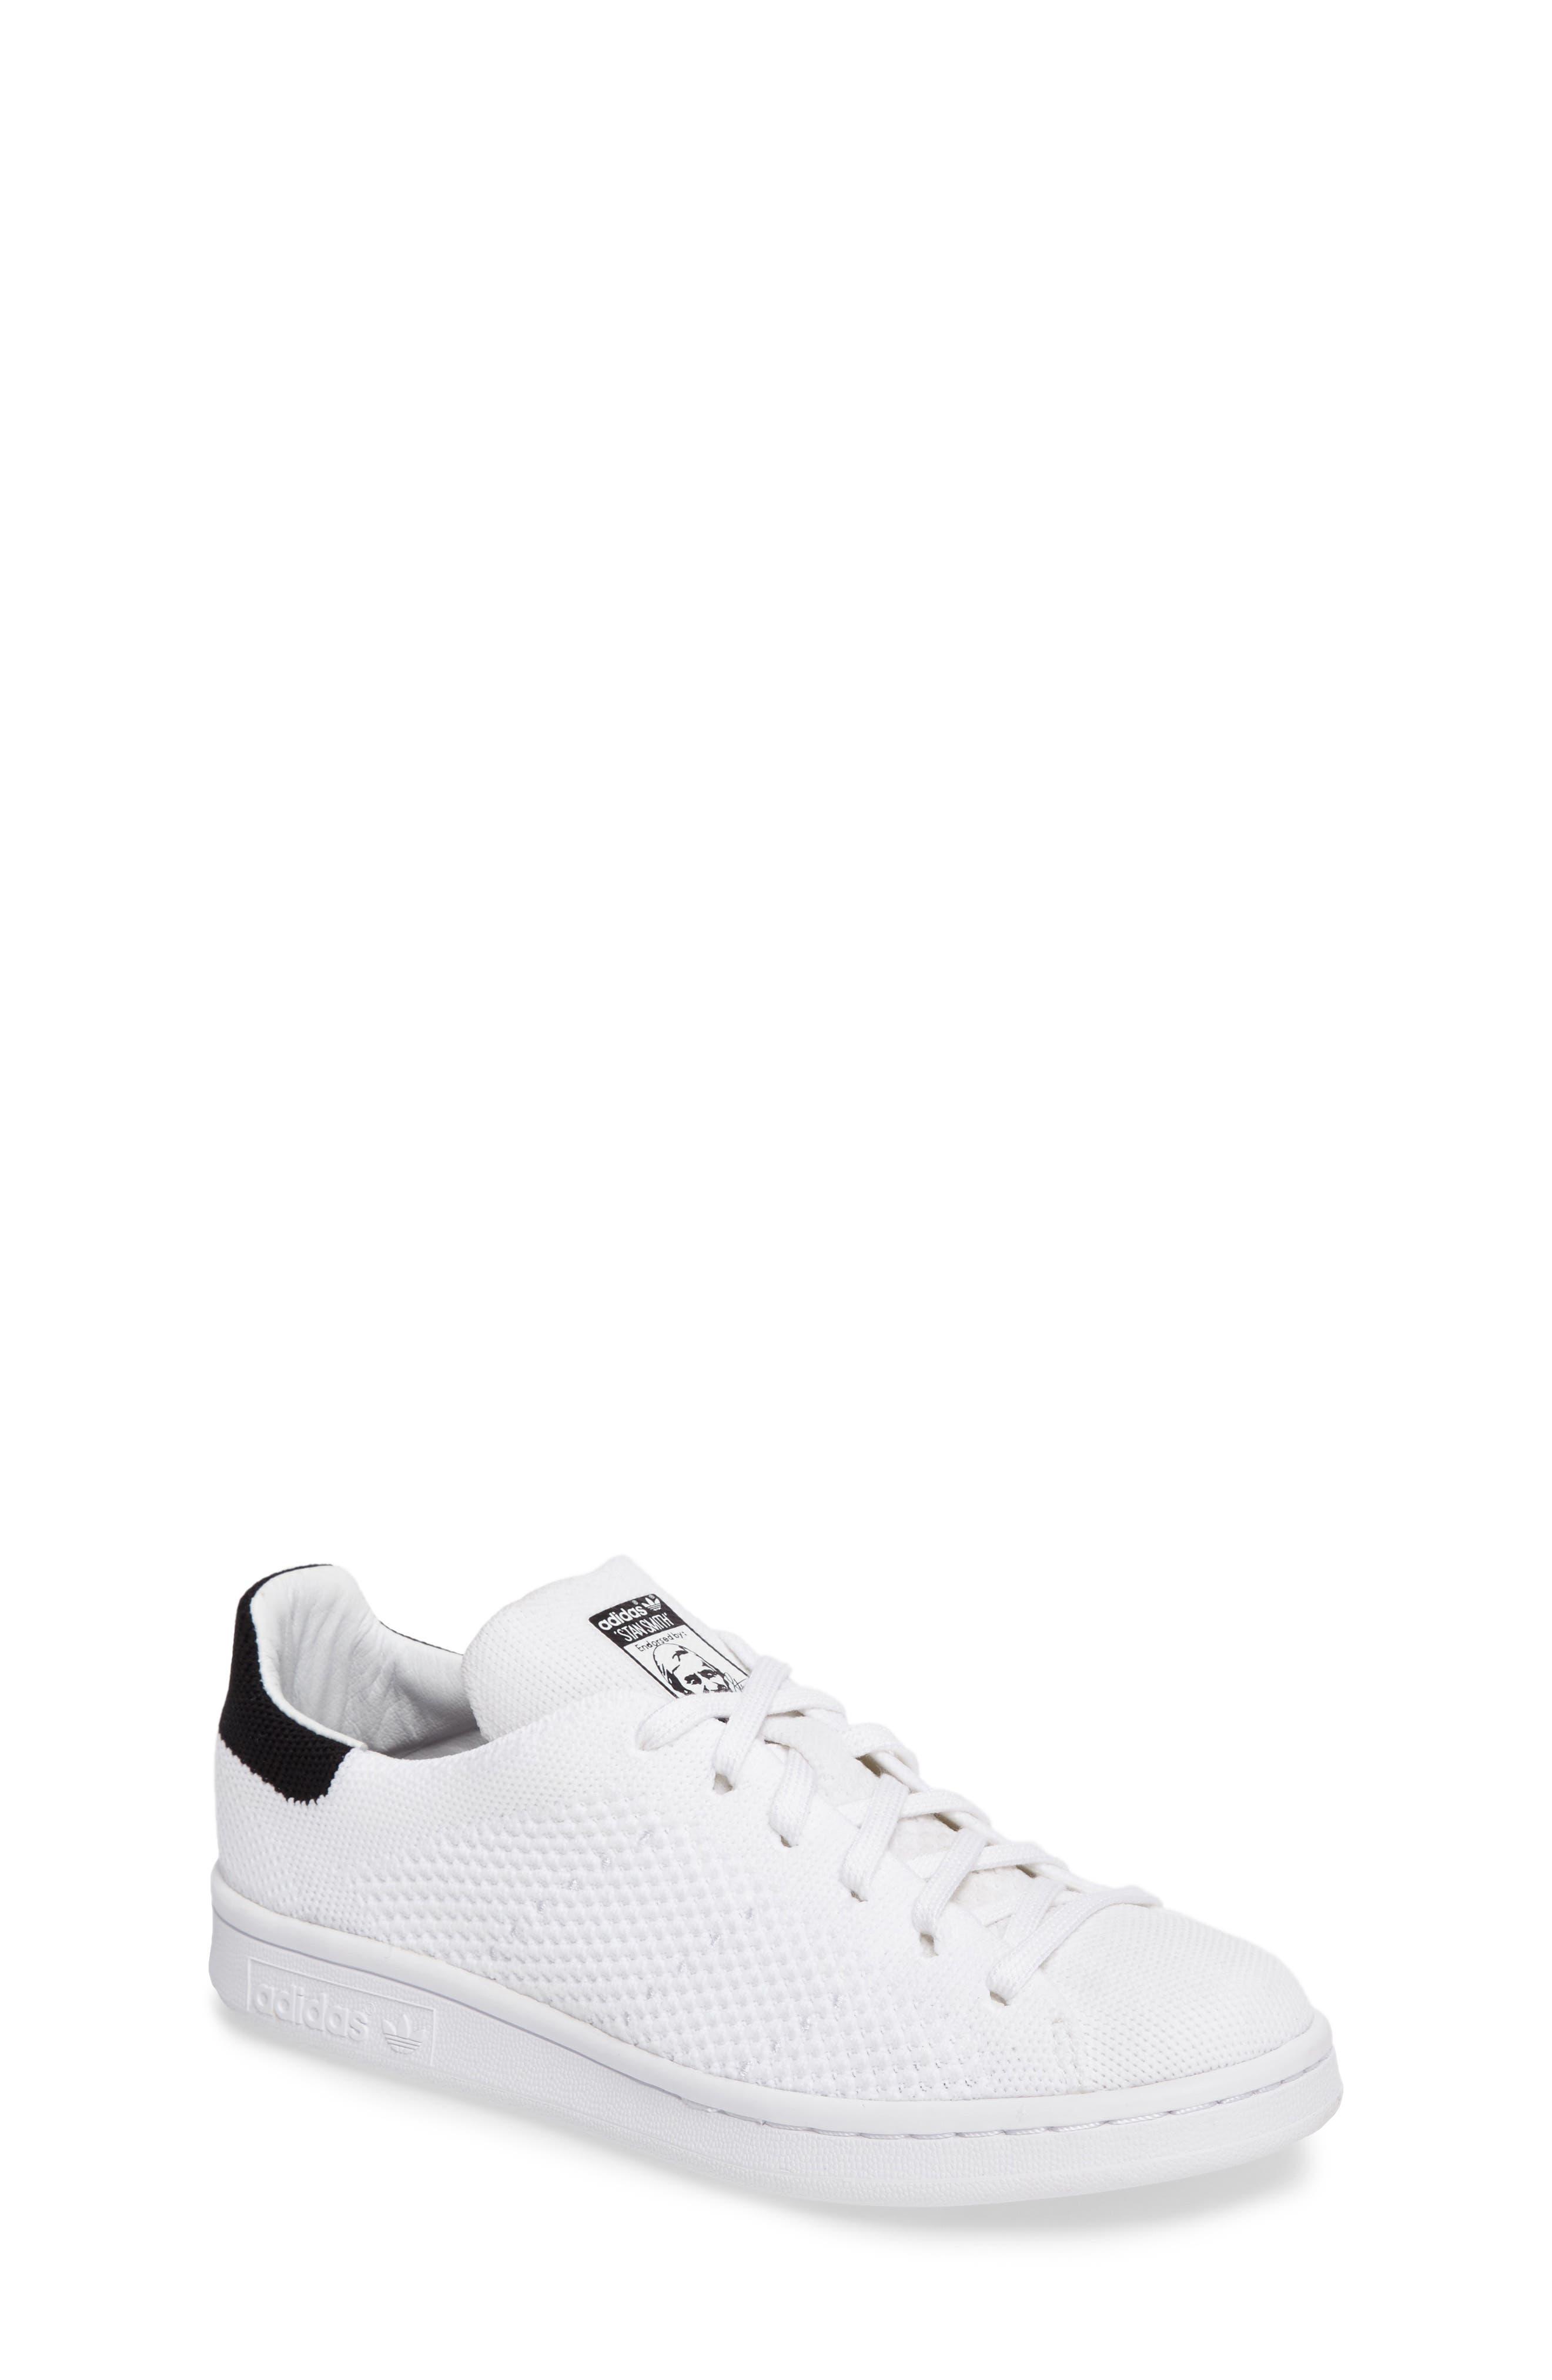 Stan Smith Primeknit Sneaker,                             Main thumbnail 1, color,                             Footwear White